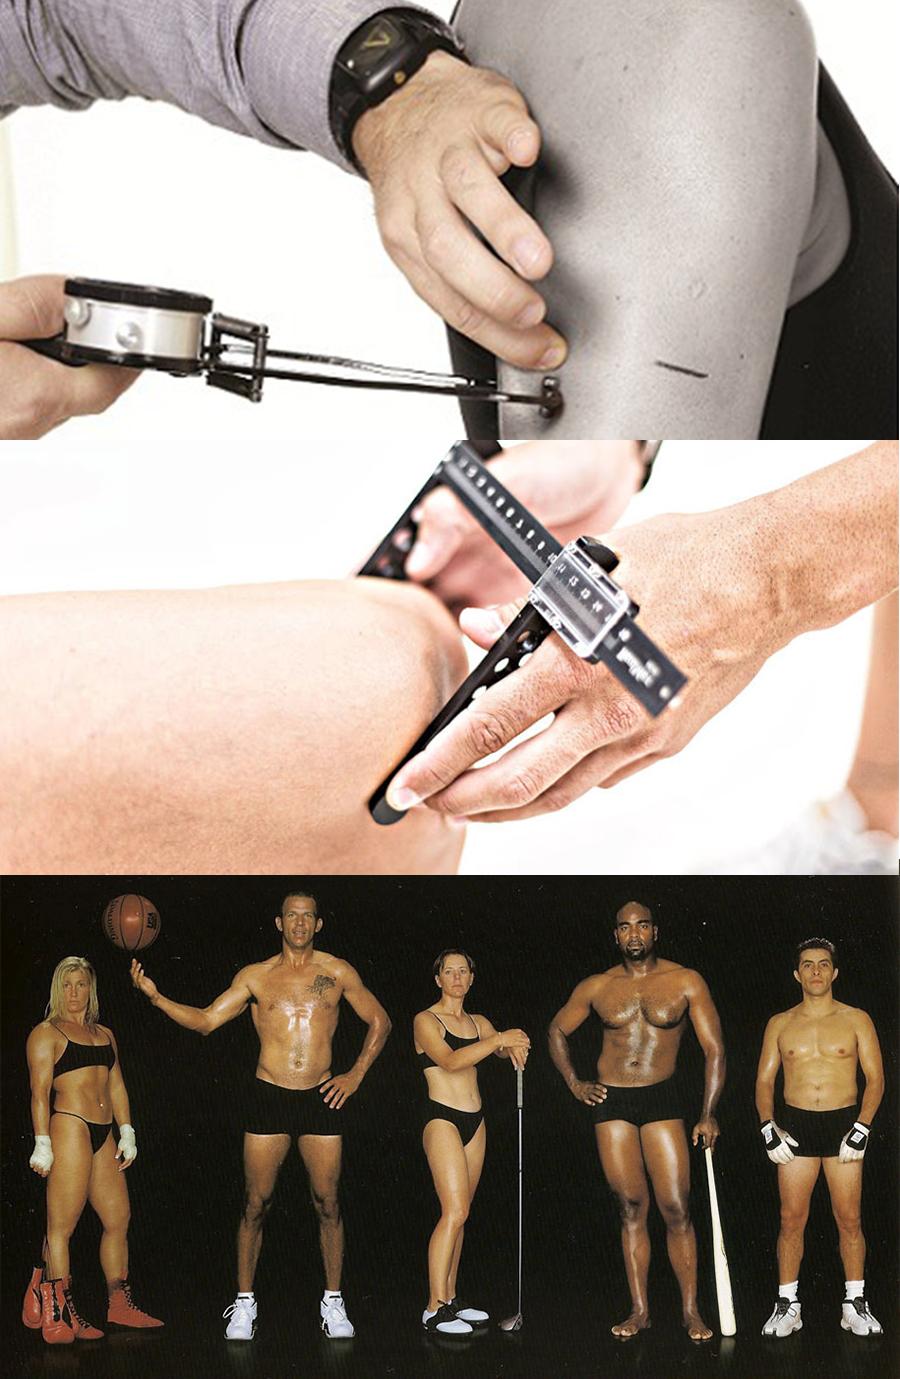 medición de pliegues corporales